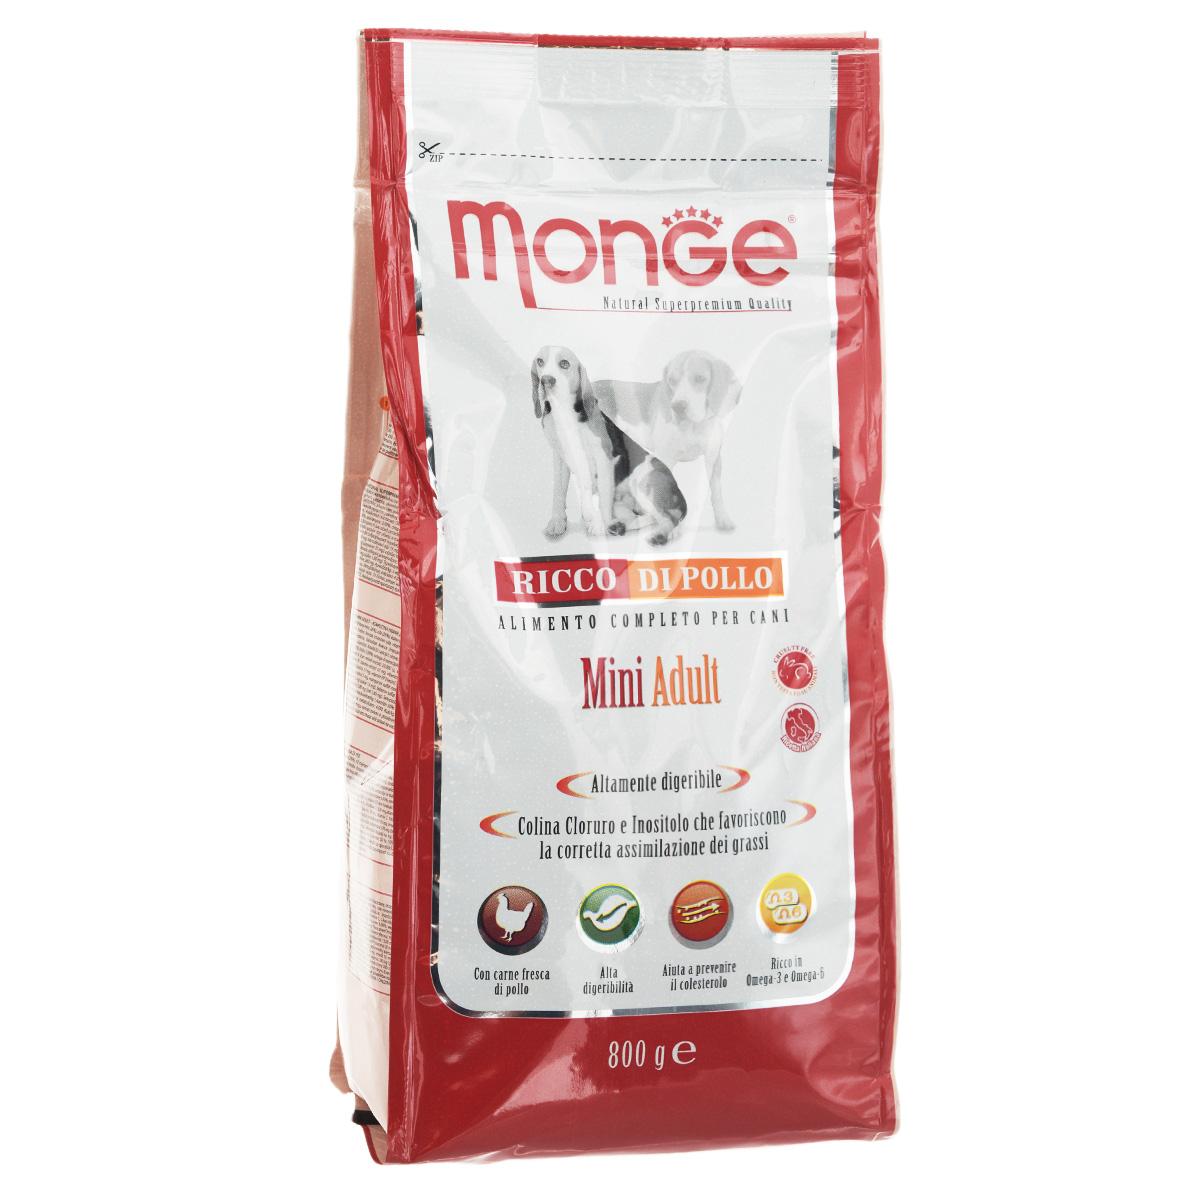 Корм сухой Monge для взрослых собак мелких пород, 800 г70004091Сухой корм Monge - это полнорационный корм, специально разработанный для ежедневного питания взрослых собак мелких пород с нормальной физической активностью. Благодаря своему сбалансированному белковому и энергетическому содержанию и рецептуре, богатой натуральными ингредиентами, ваши питомцы усваивают необходимые питательные вещества без накопления холестерина. Корм гарантирует оптимальное соотношение жирных кислот Омега-3 и Омега-6. Состав: куриное мясо (свежее мин. 10%, обезвоженное 26%), рис (мин. 26%), кукуруза, куриное масло, свекольный жом, овес, дрожжи, яичный крахмал, мука сельди, рыбий жир, экстракт Юкки Шидигера, цистин, морские водоросли, фруктоолигосахариды 330 мг/кг, маннан-олигосахариды 330 мг/кг, хондроитин сульфат 105 мг/кг, метилсульфонилметан 150 мг/кг, глюкозамин 150 мг/кг.Анализ: протеин 26%, масла и жиры 14%, сырая клетчатка 2,5%, сырая зола 6%,фосфор 1,34%, линолевая кислота 1,80%, Омега-6 2,52%, Омега-3 0,58%.Пищевые добавки, витамины: витамин А 19700 МЕ/кг, витамин D3 1350 МЕ/кг, витамин Е 126 мг/кг, витамин С 35 мг/кг, кальций 13,68 мг/кг, холина хлорид 192 мг/кг, хлорид калия 6,640 мг/кг, витамин B1 14 мг/кг, витамин B2 14 мг/кг, витамин В6 4 мг/кг, Витамин В12 0,08 мг/кг, биотин 0,26 мг/кг, L-карнитин 60 мг/кг, цинк 128 мг/кг, железо 80 мг/кг, марганец 30 мг/кг, медь 12 мг/кг, йод 0,80 мг/кг, аминокислоты (метионин 1560 мг/кг).Товар сертифицирован.